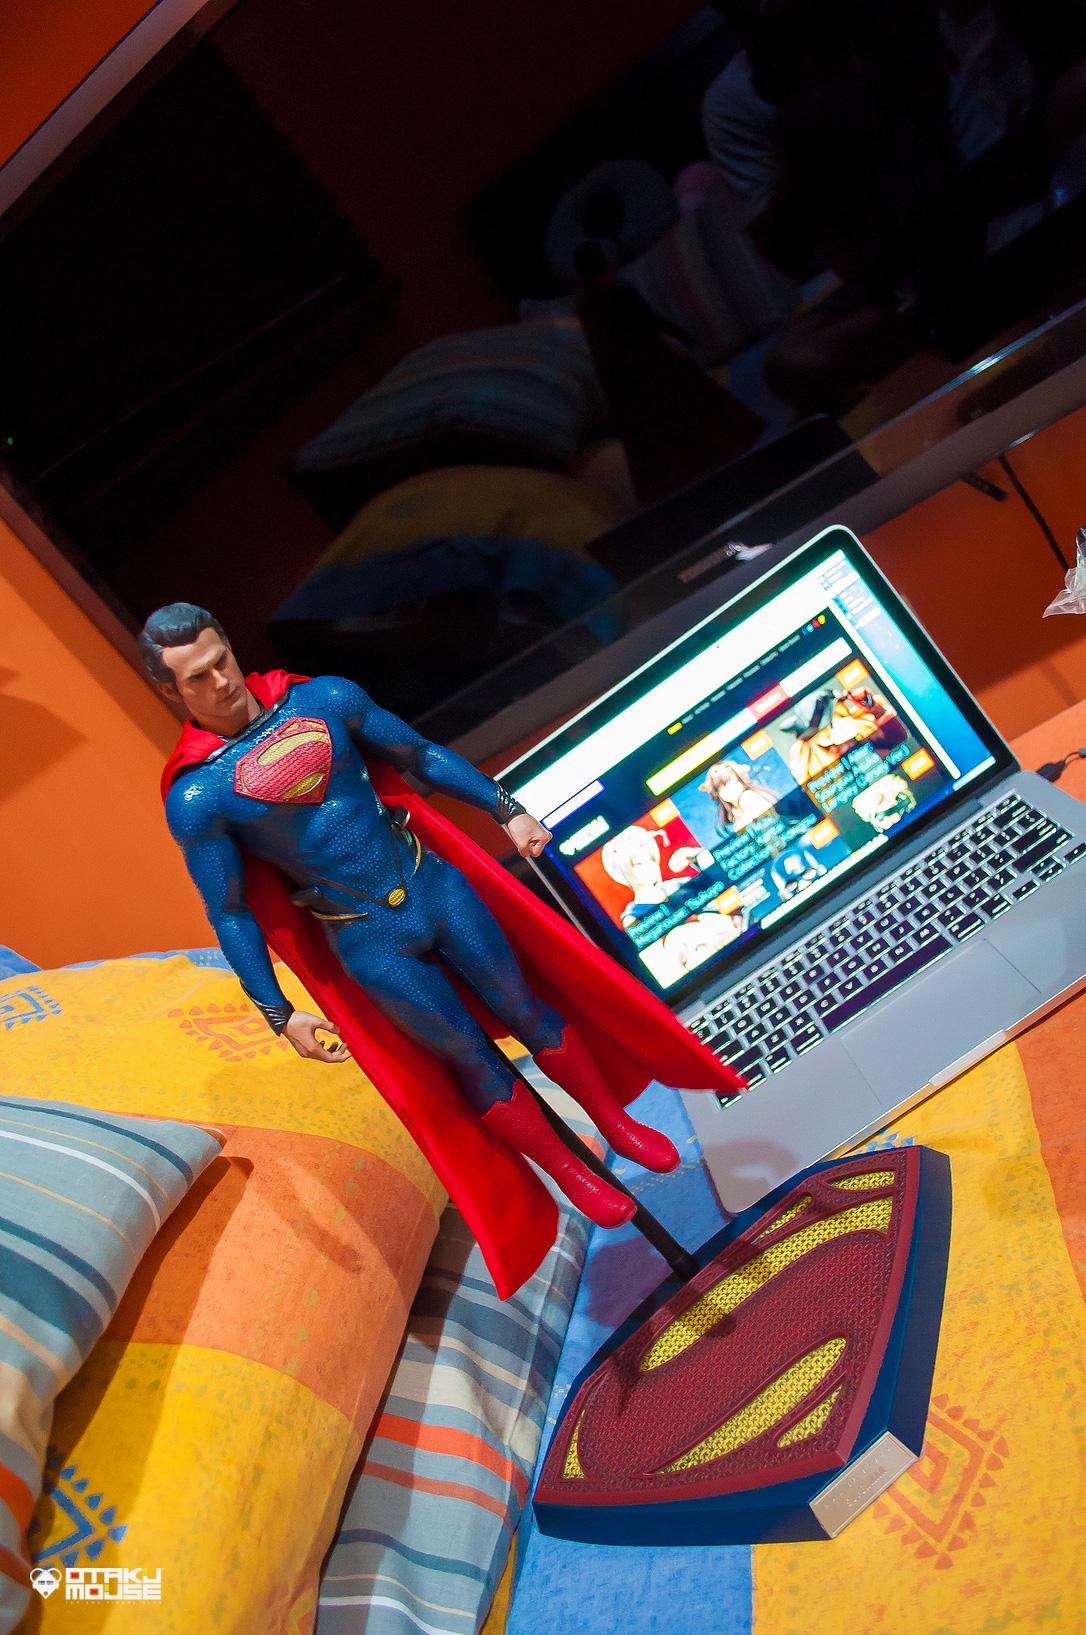 Otakumouse Unboxed! #01 | Hot Toys Superman and Amazing Spiderman (22)